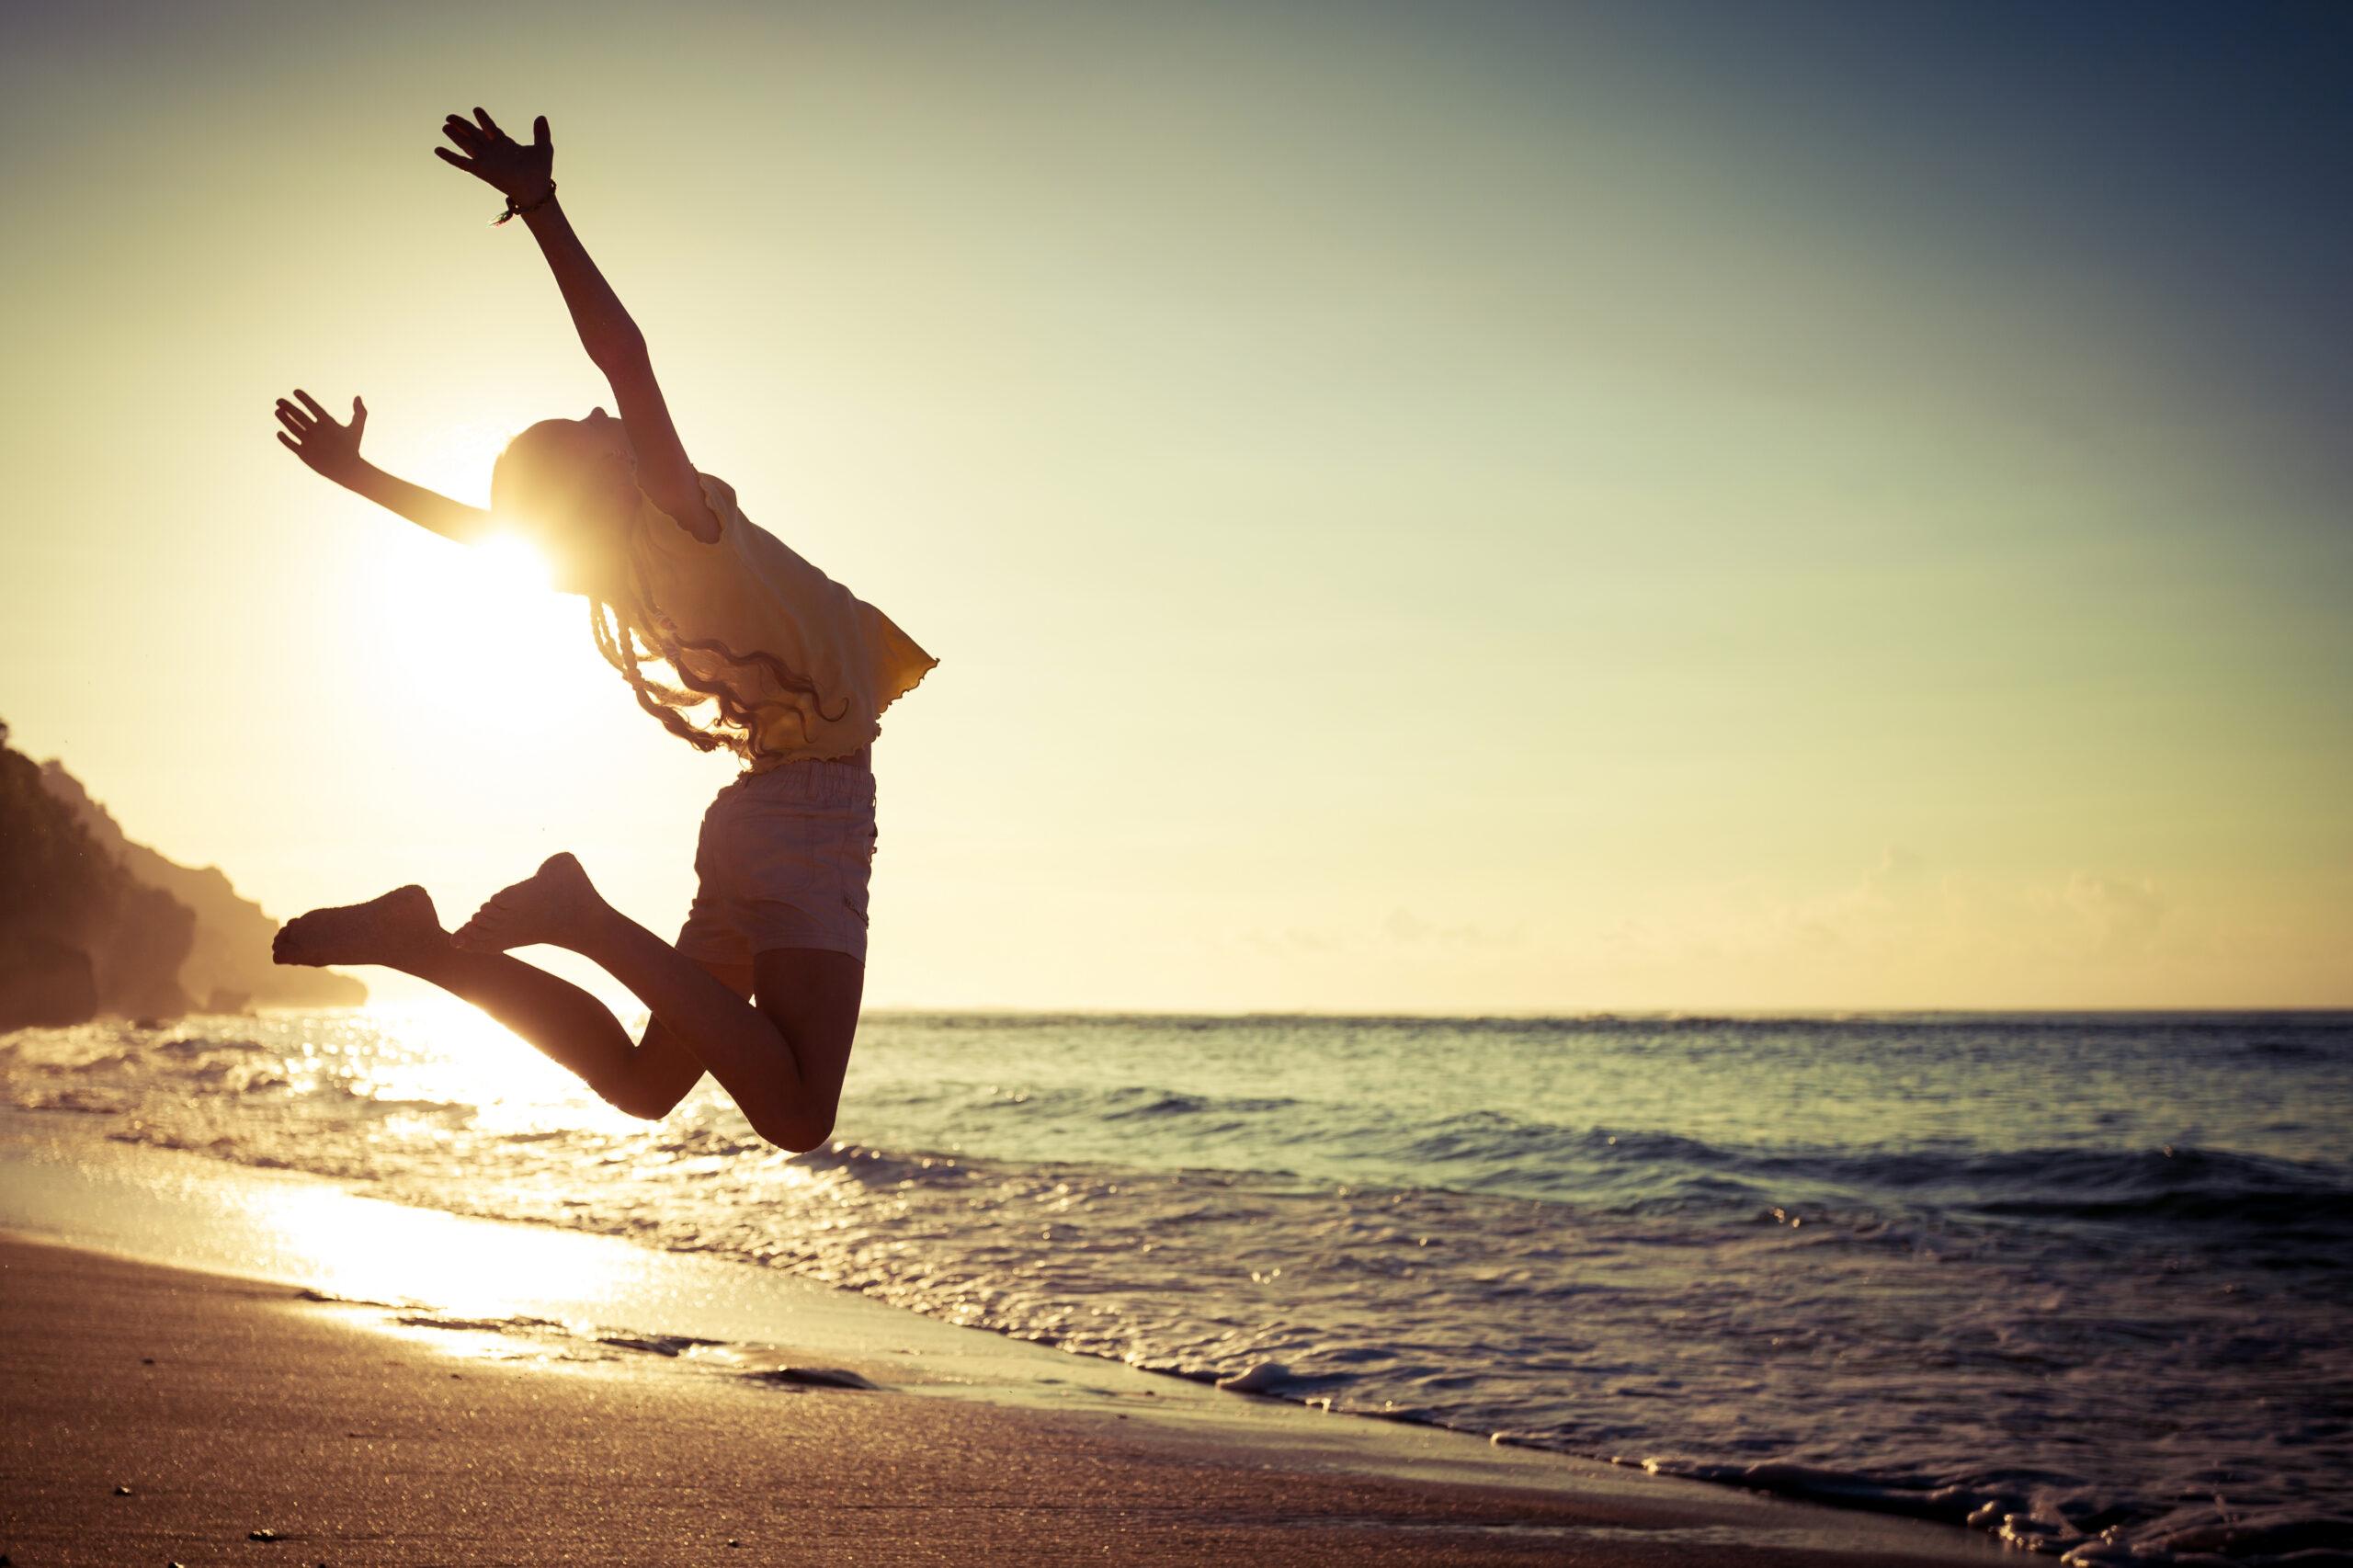 chica feliz saltando en una playa